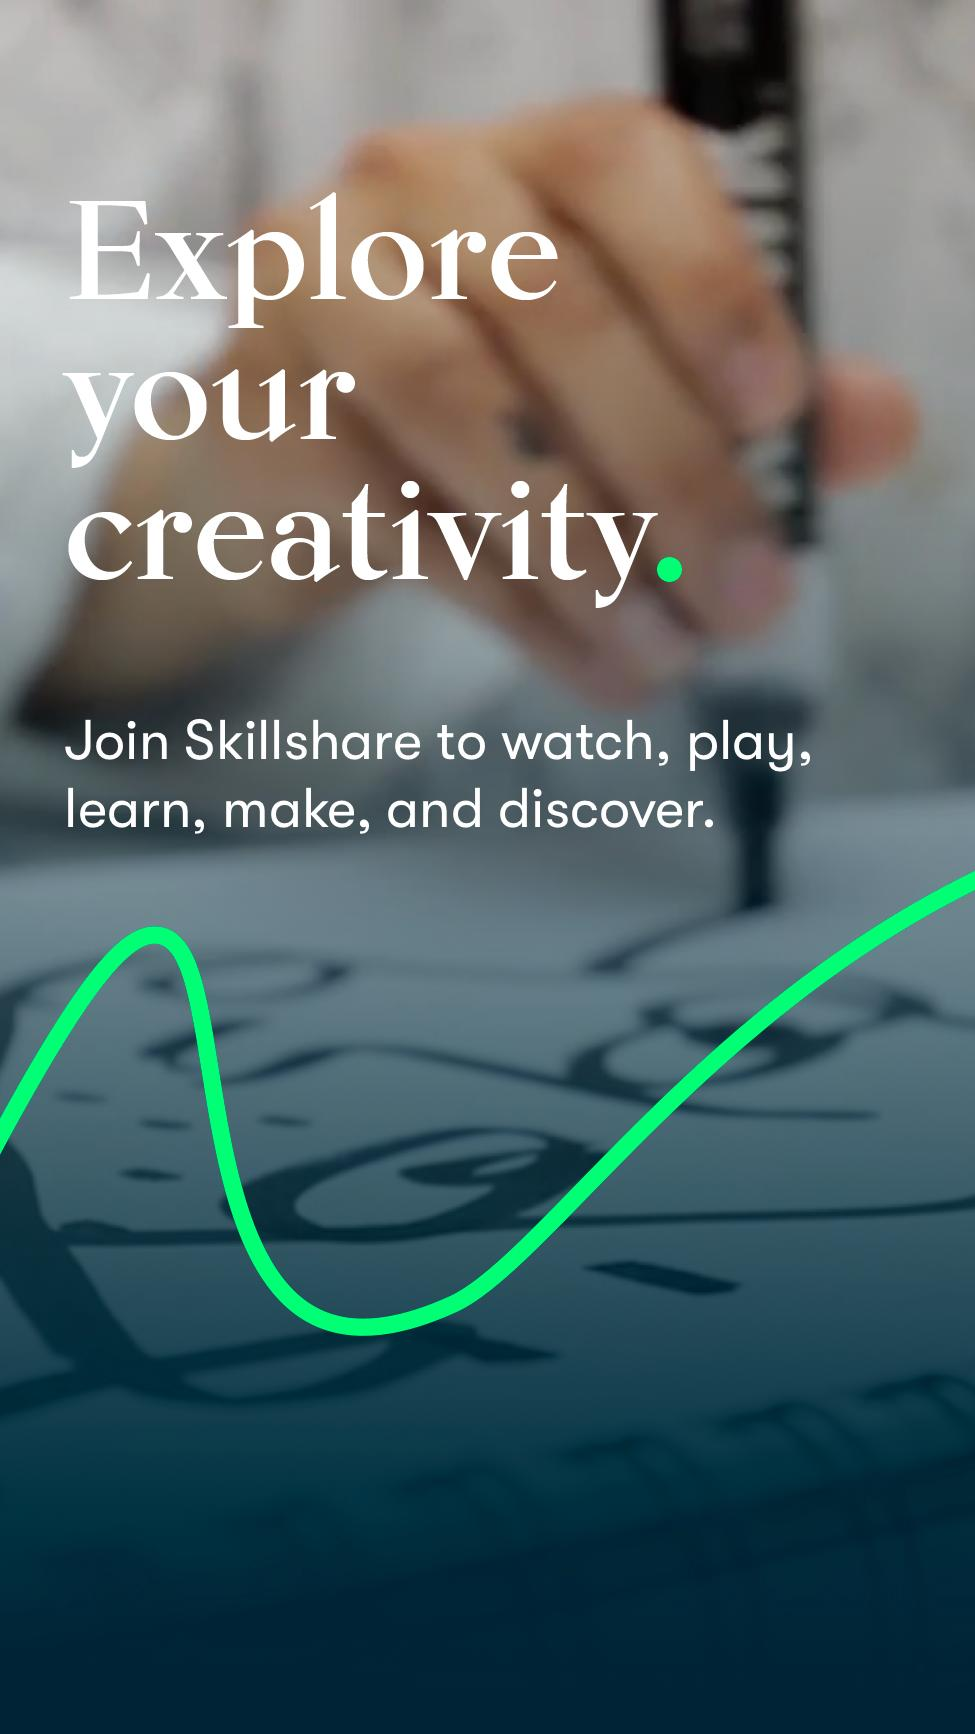 Skillshare Online Learning 5.2.2.7 Screenshot 1